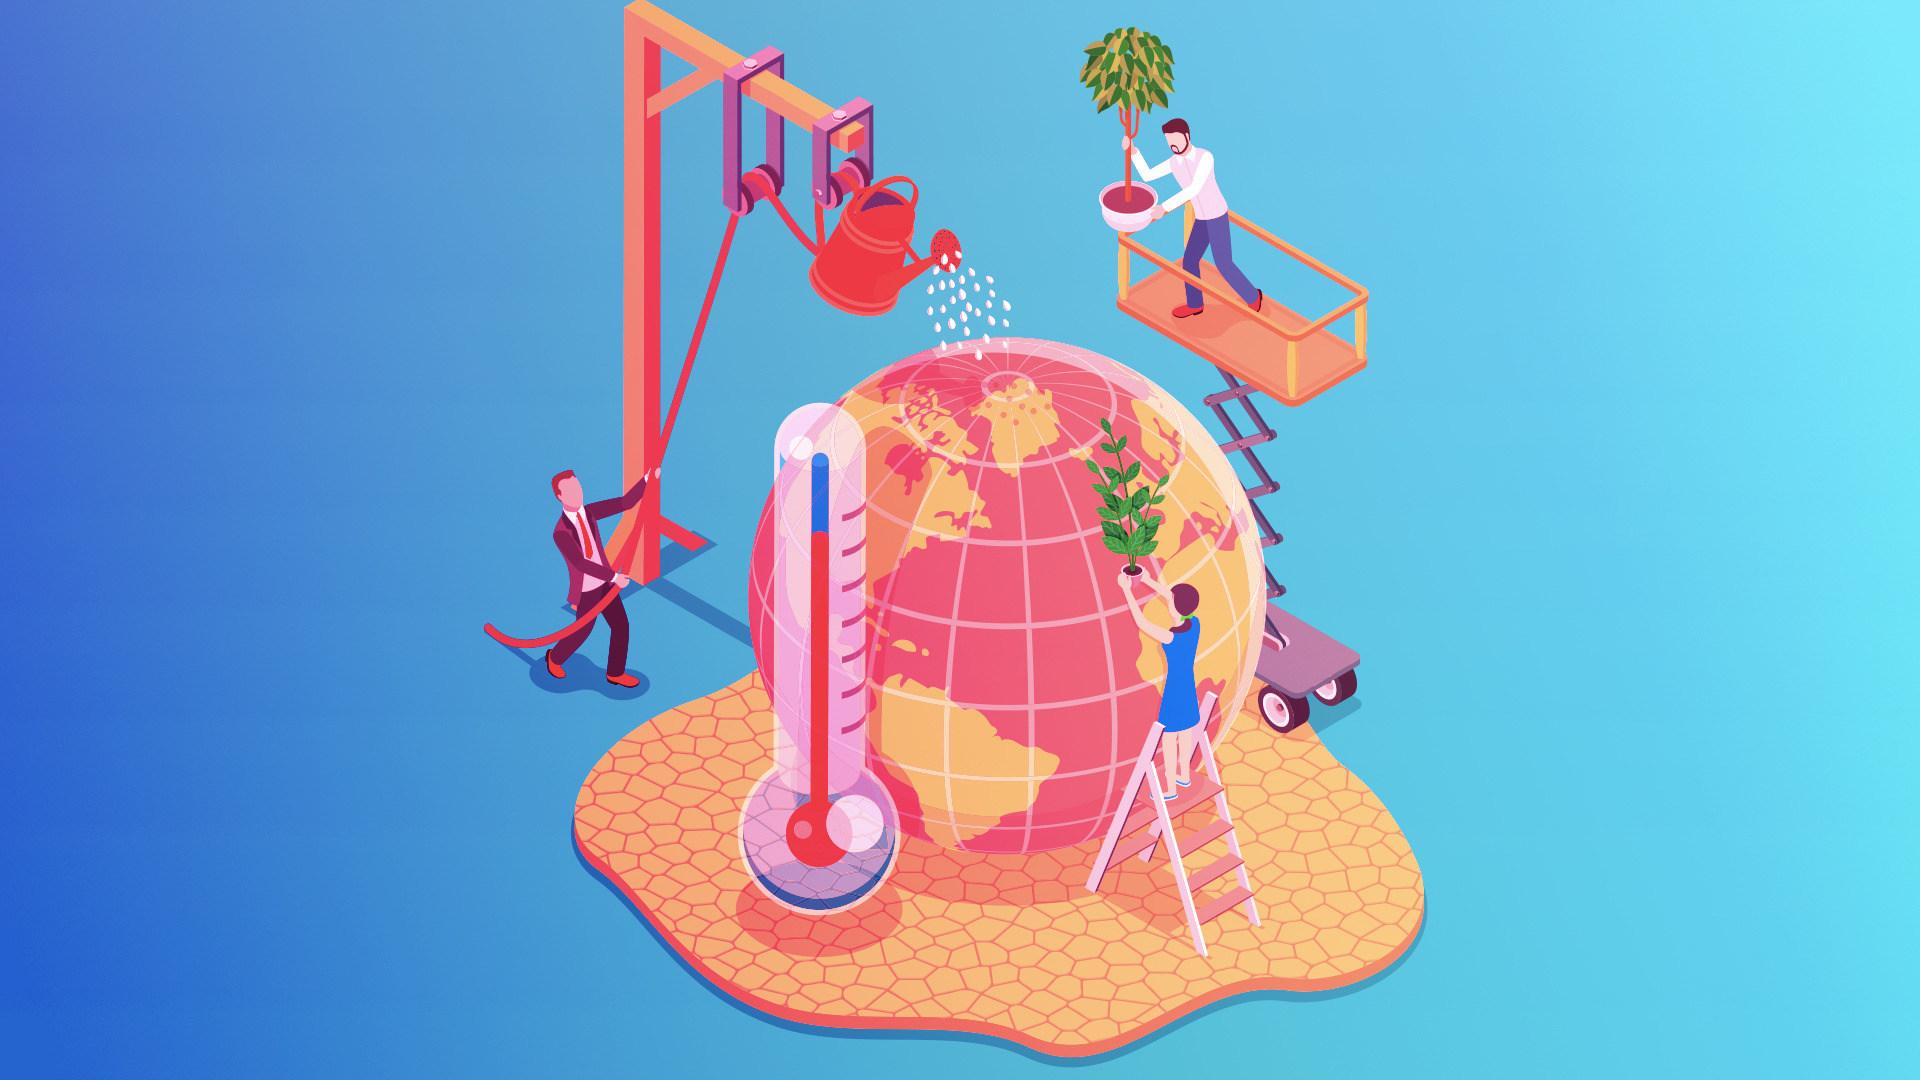 Energie, Umwelt, Erde, ökostrom, Umweltschutz, Klima, Planet, Greenpeace, Welt, Klimaschutz, Klimawandel, Temperatur, Umweltfreundlich, Ozean, Globus, Erderwärmung, Klimapolitik, Klimaerwärmung, Weltklimagipfel, Climate, Erwärmung, Deutsche Umwelthilfe